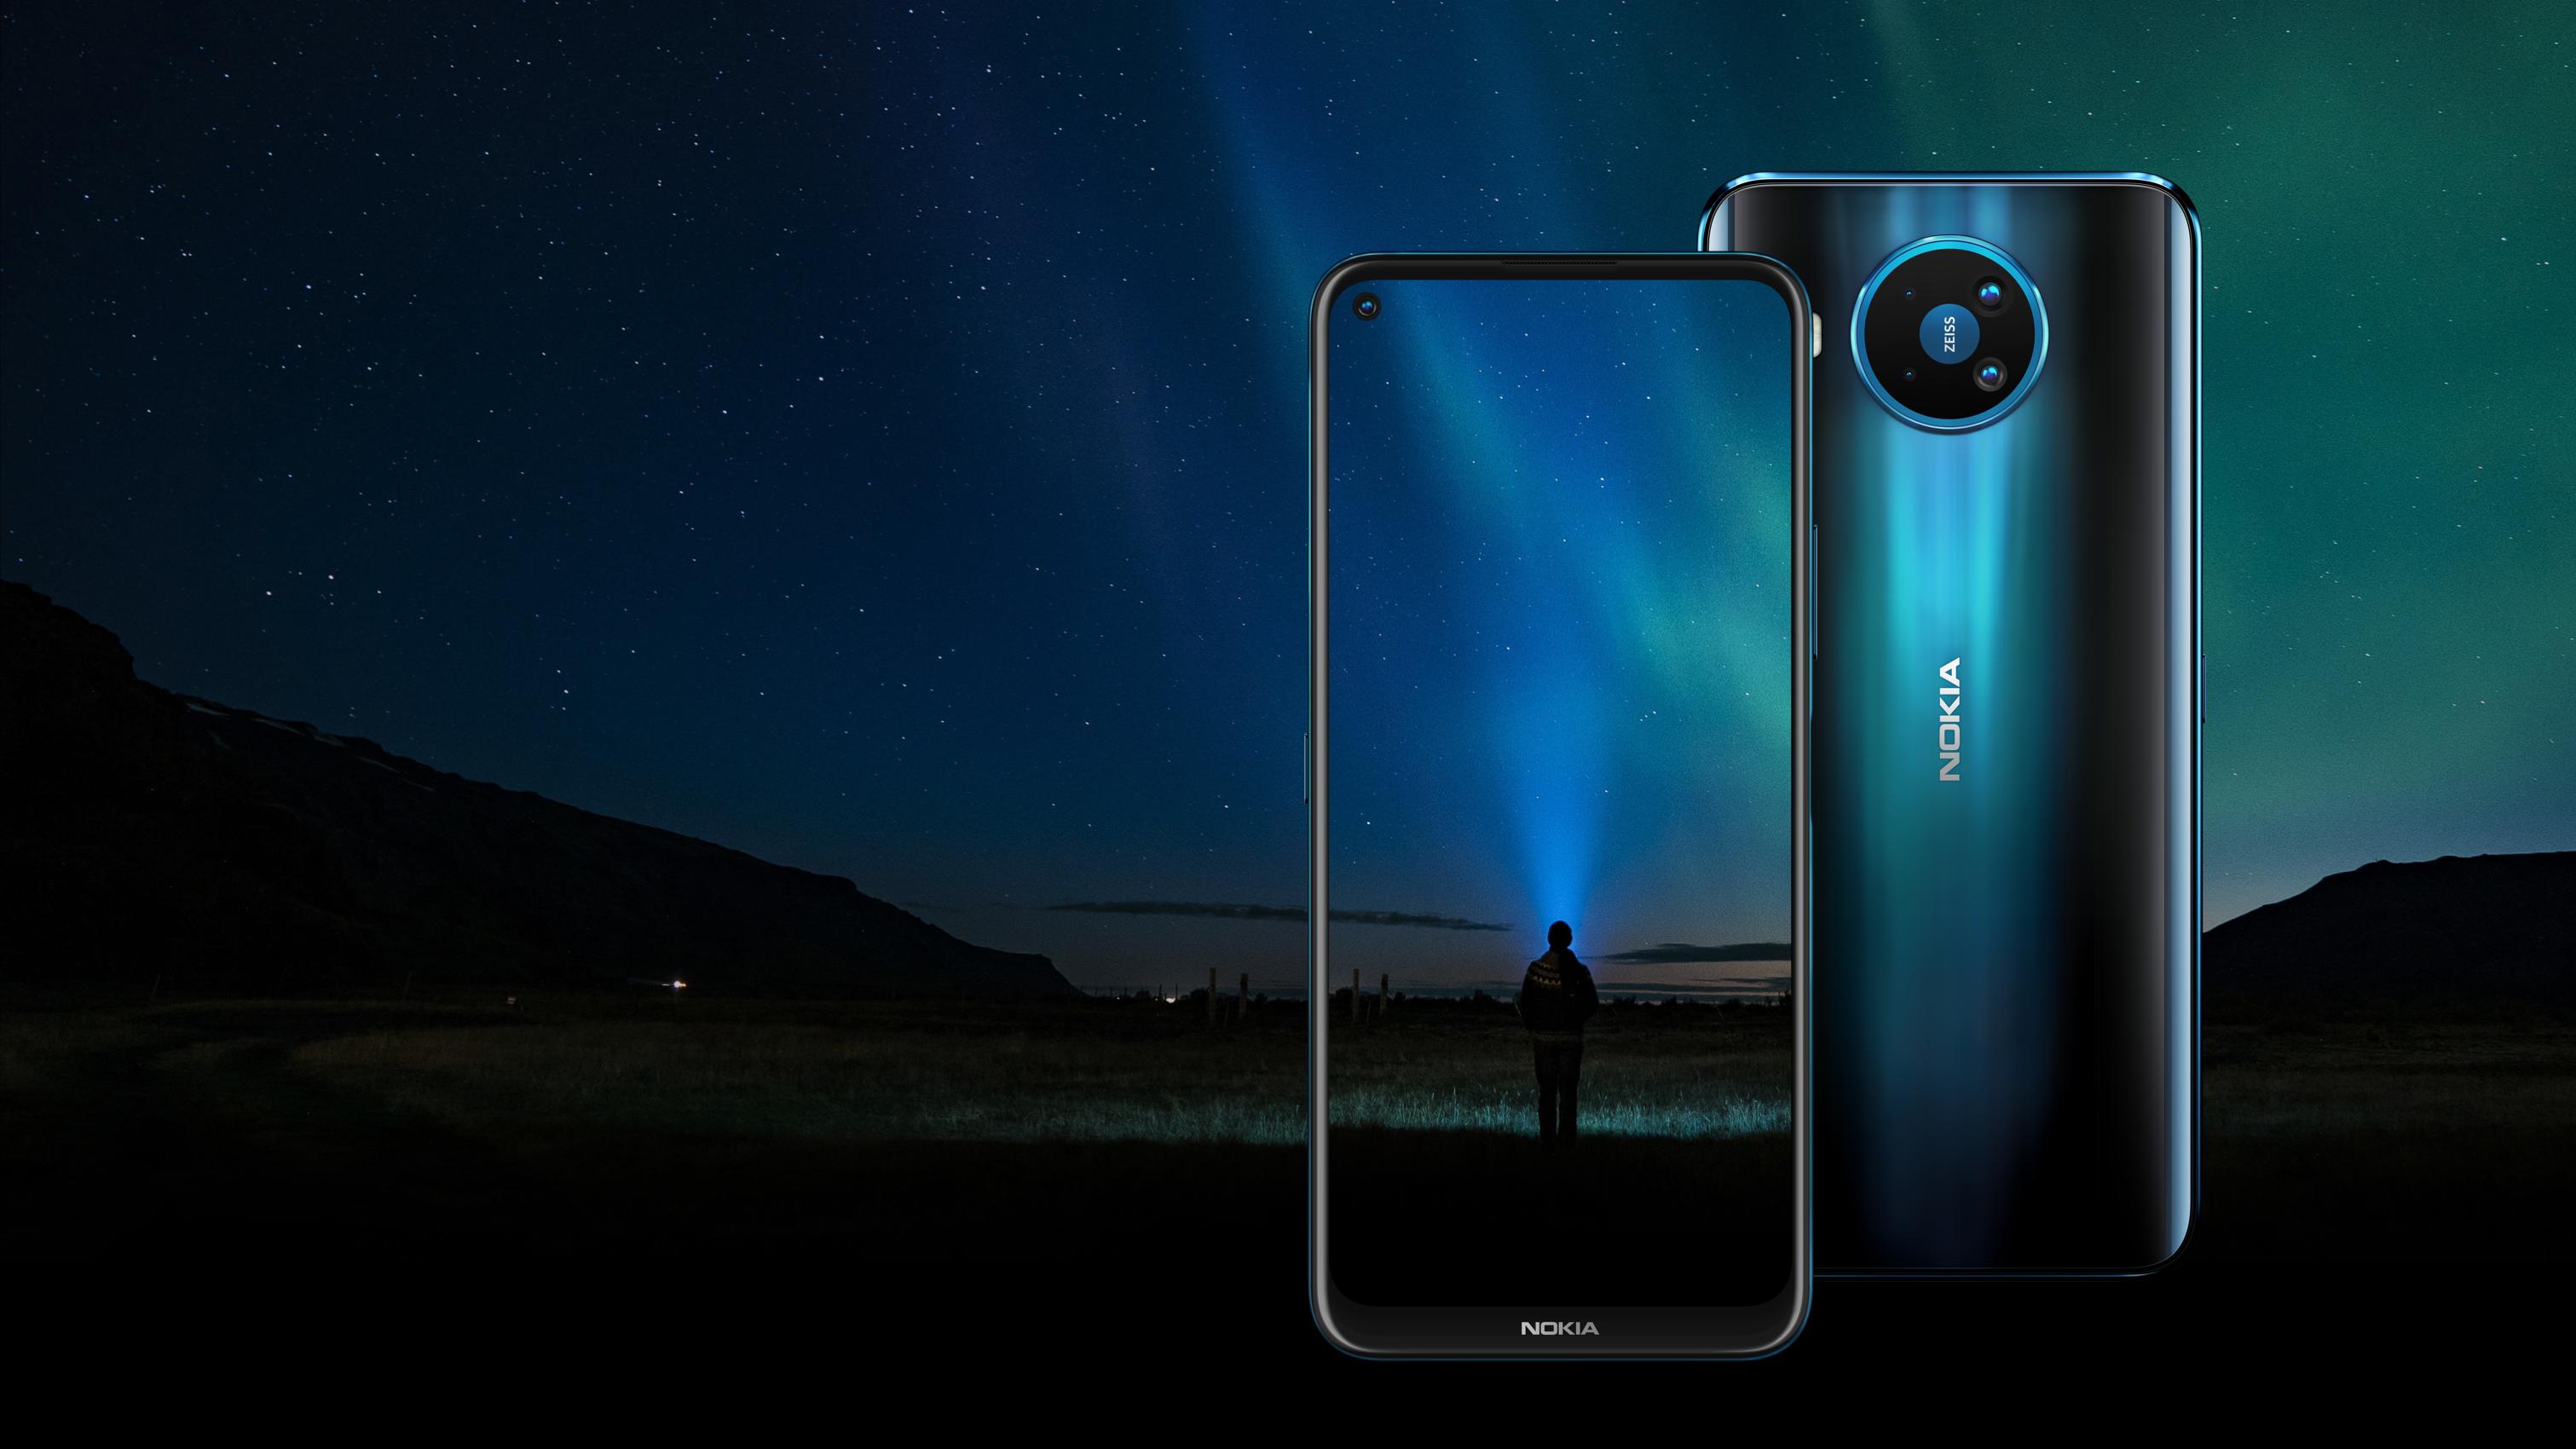 Nokia's smartphone launch